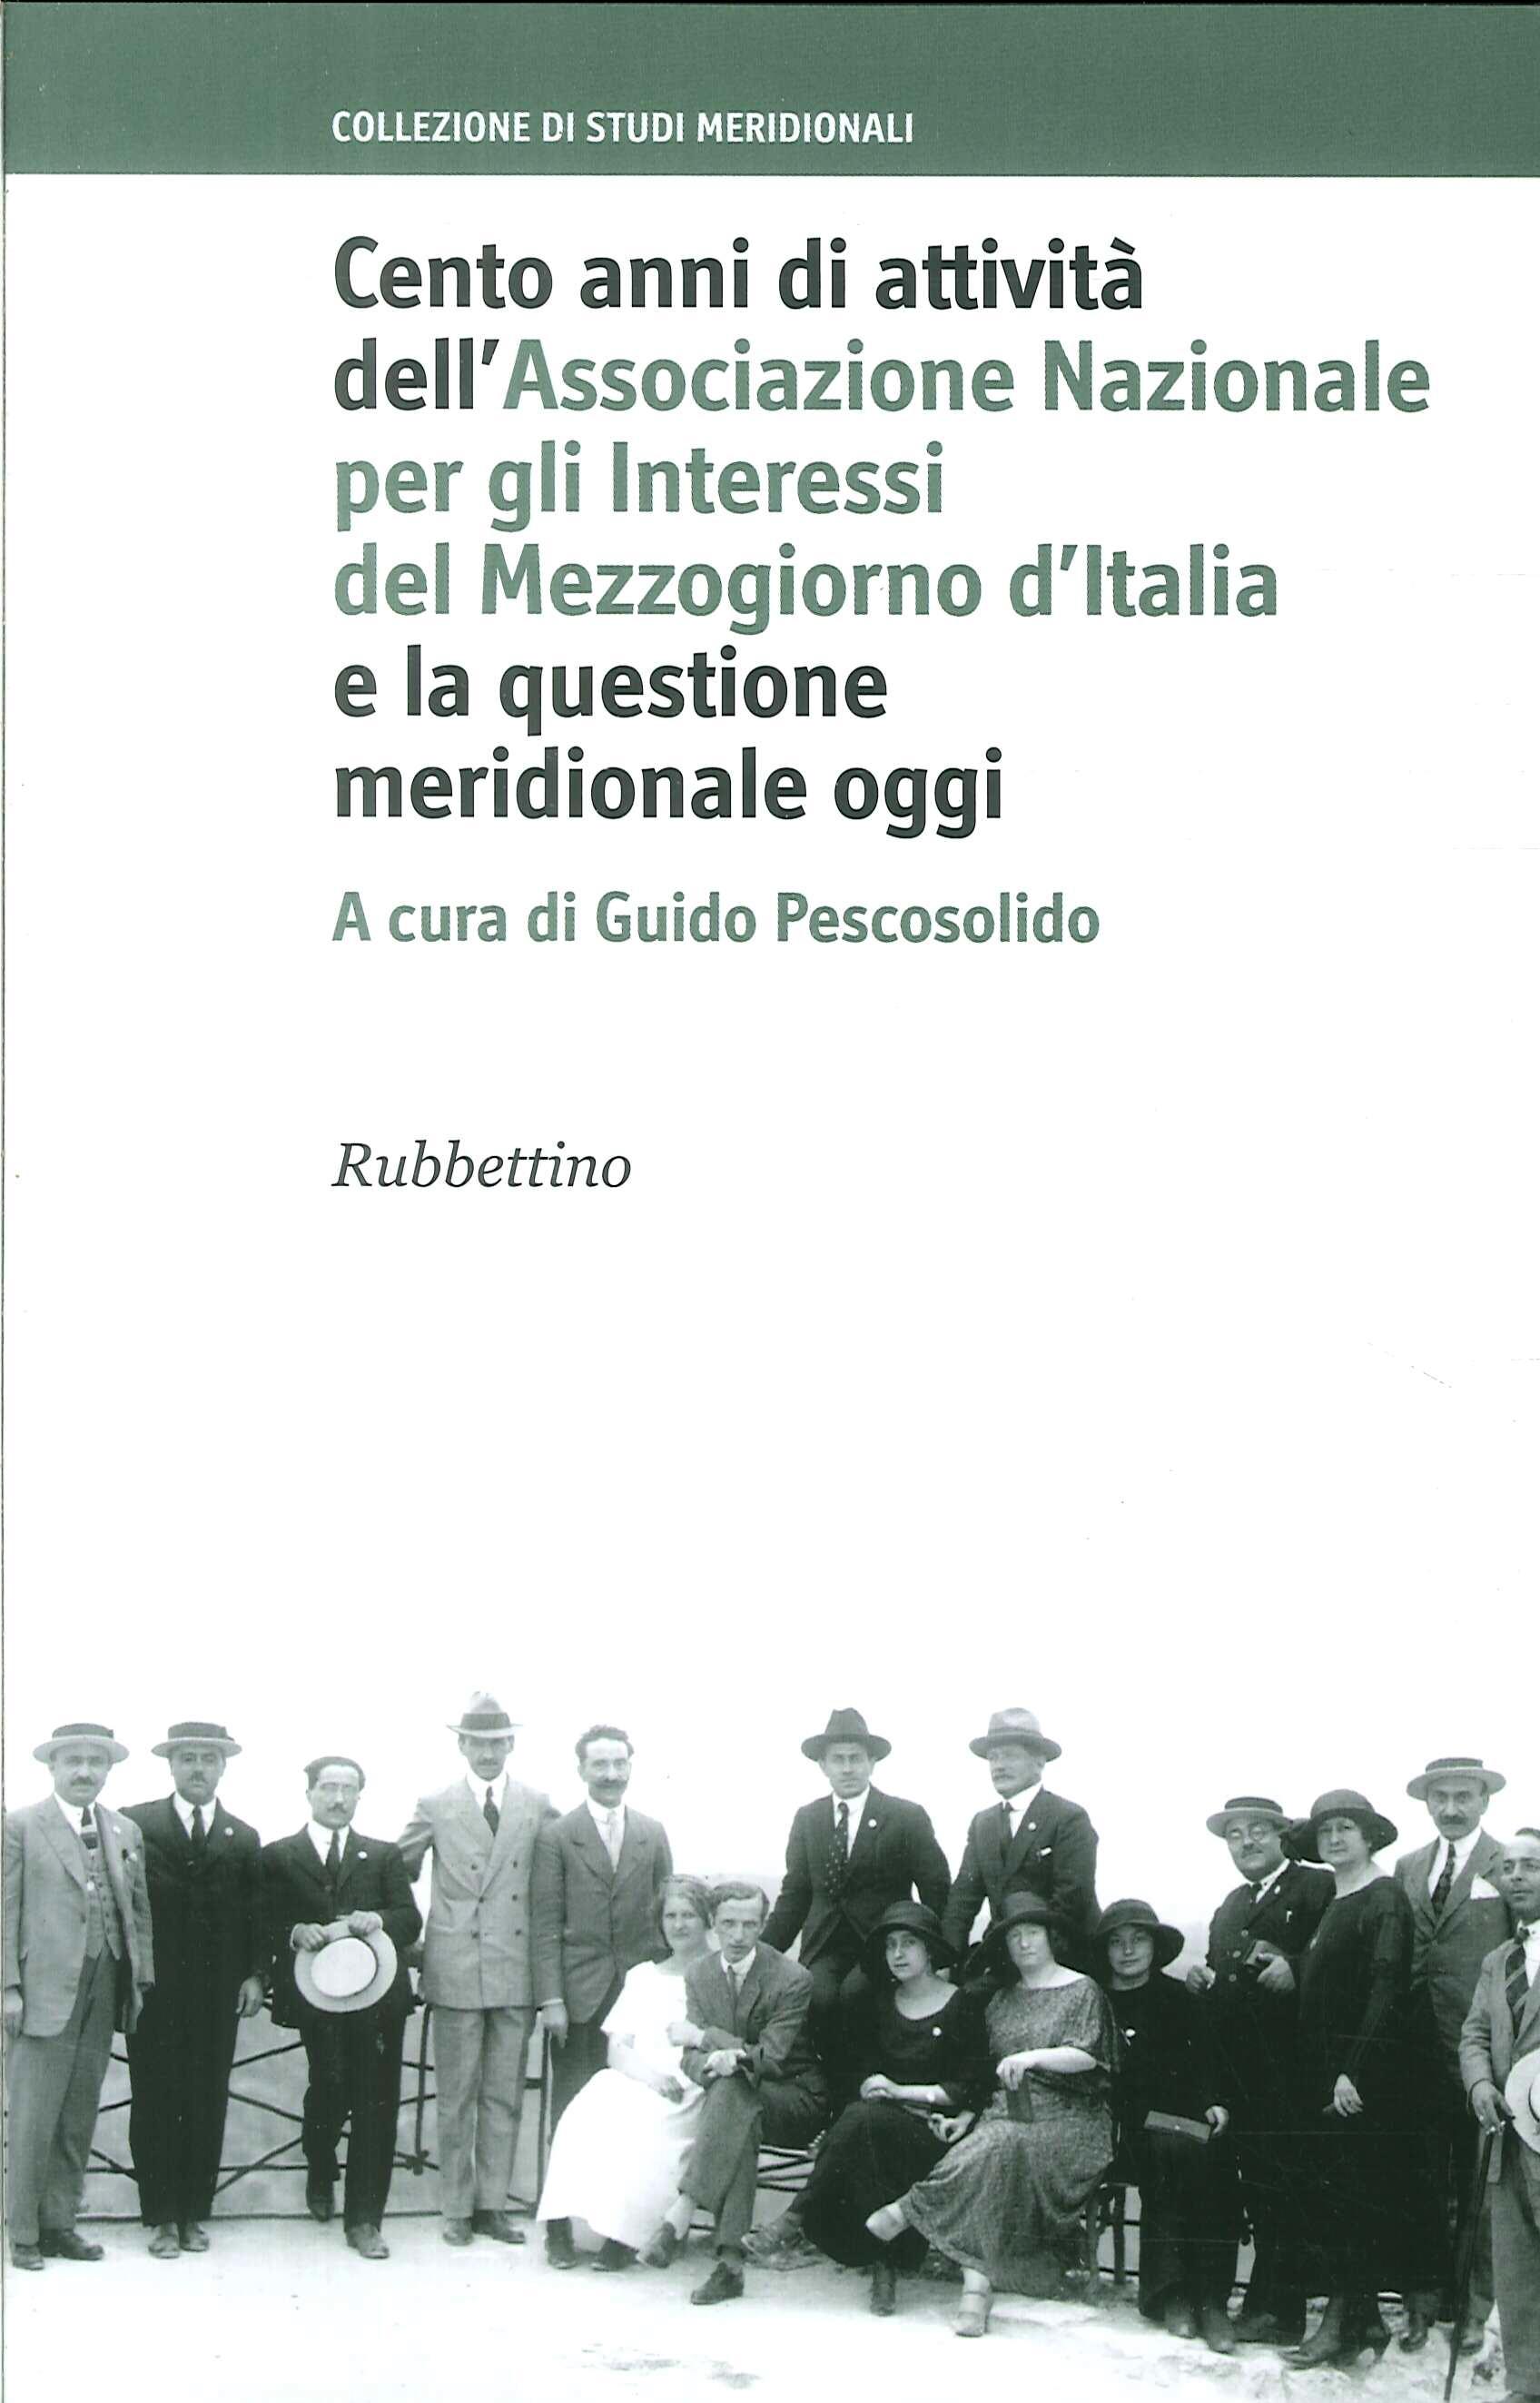 Cento anni di attività dell'Associazione Nazionale per gli Interessi del Mezzogiorno d'Italia e la questione meridionale oggi